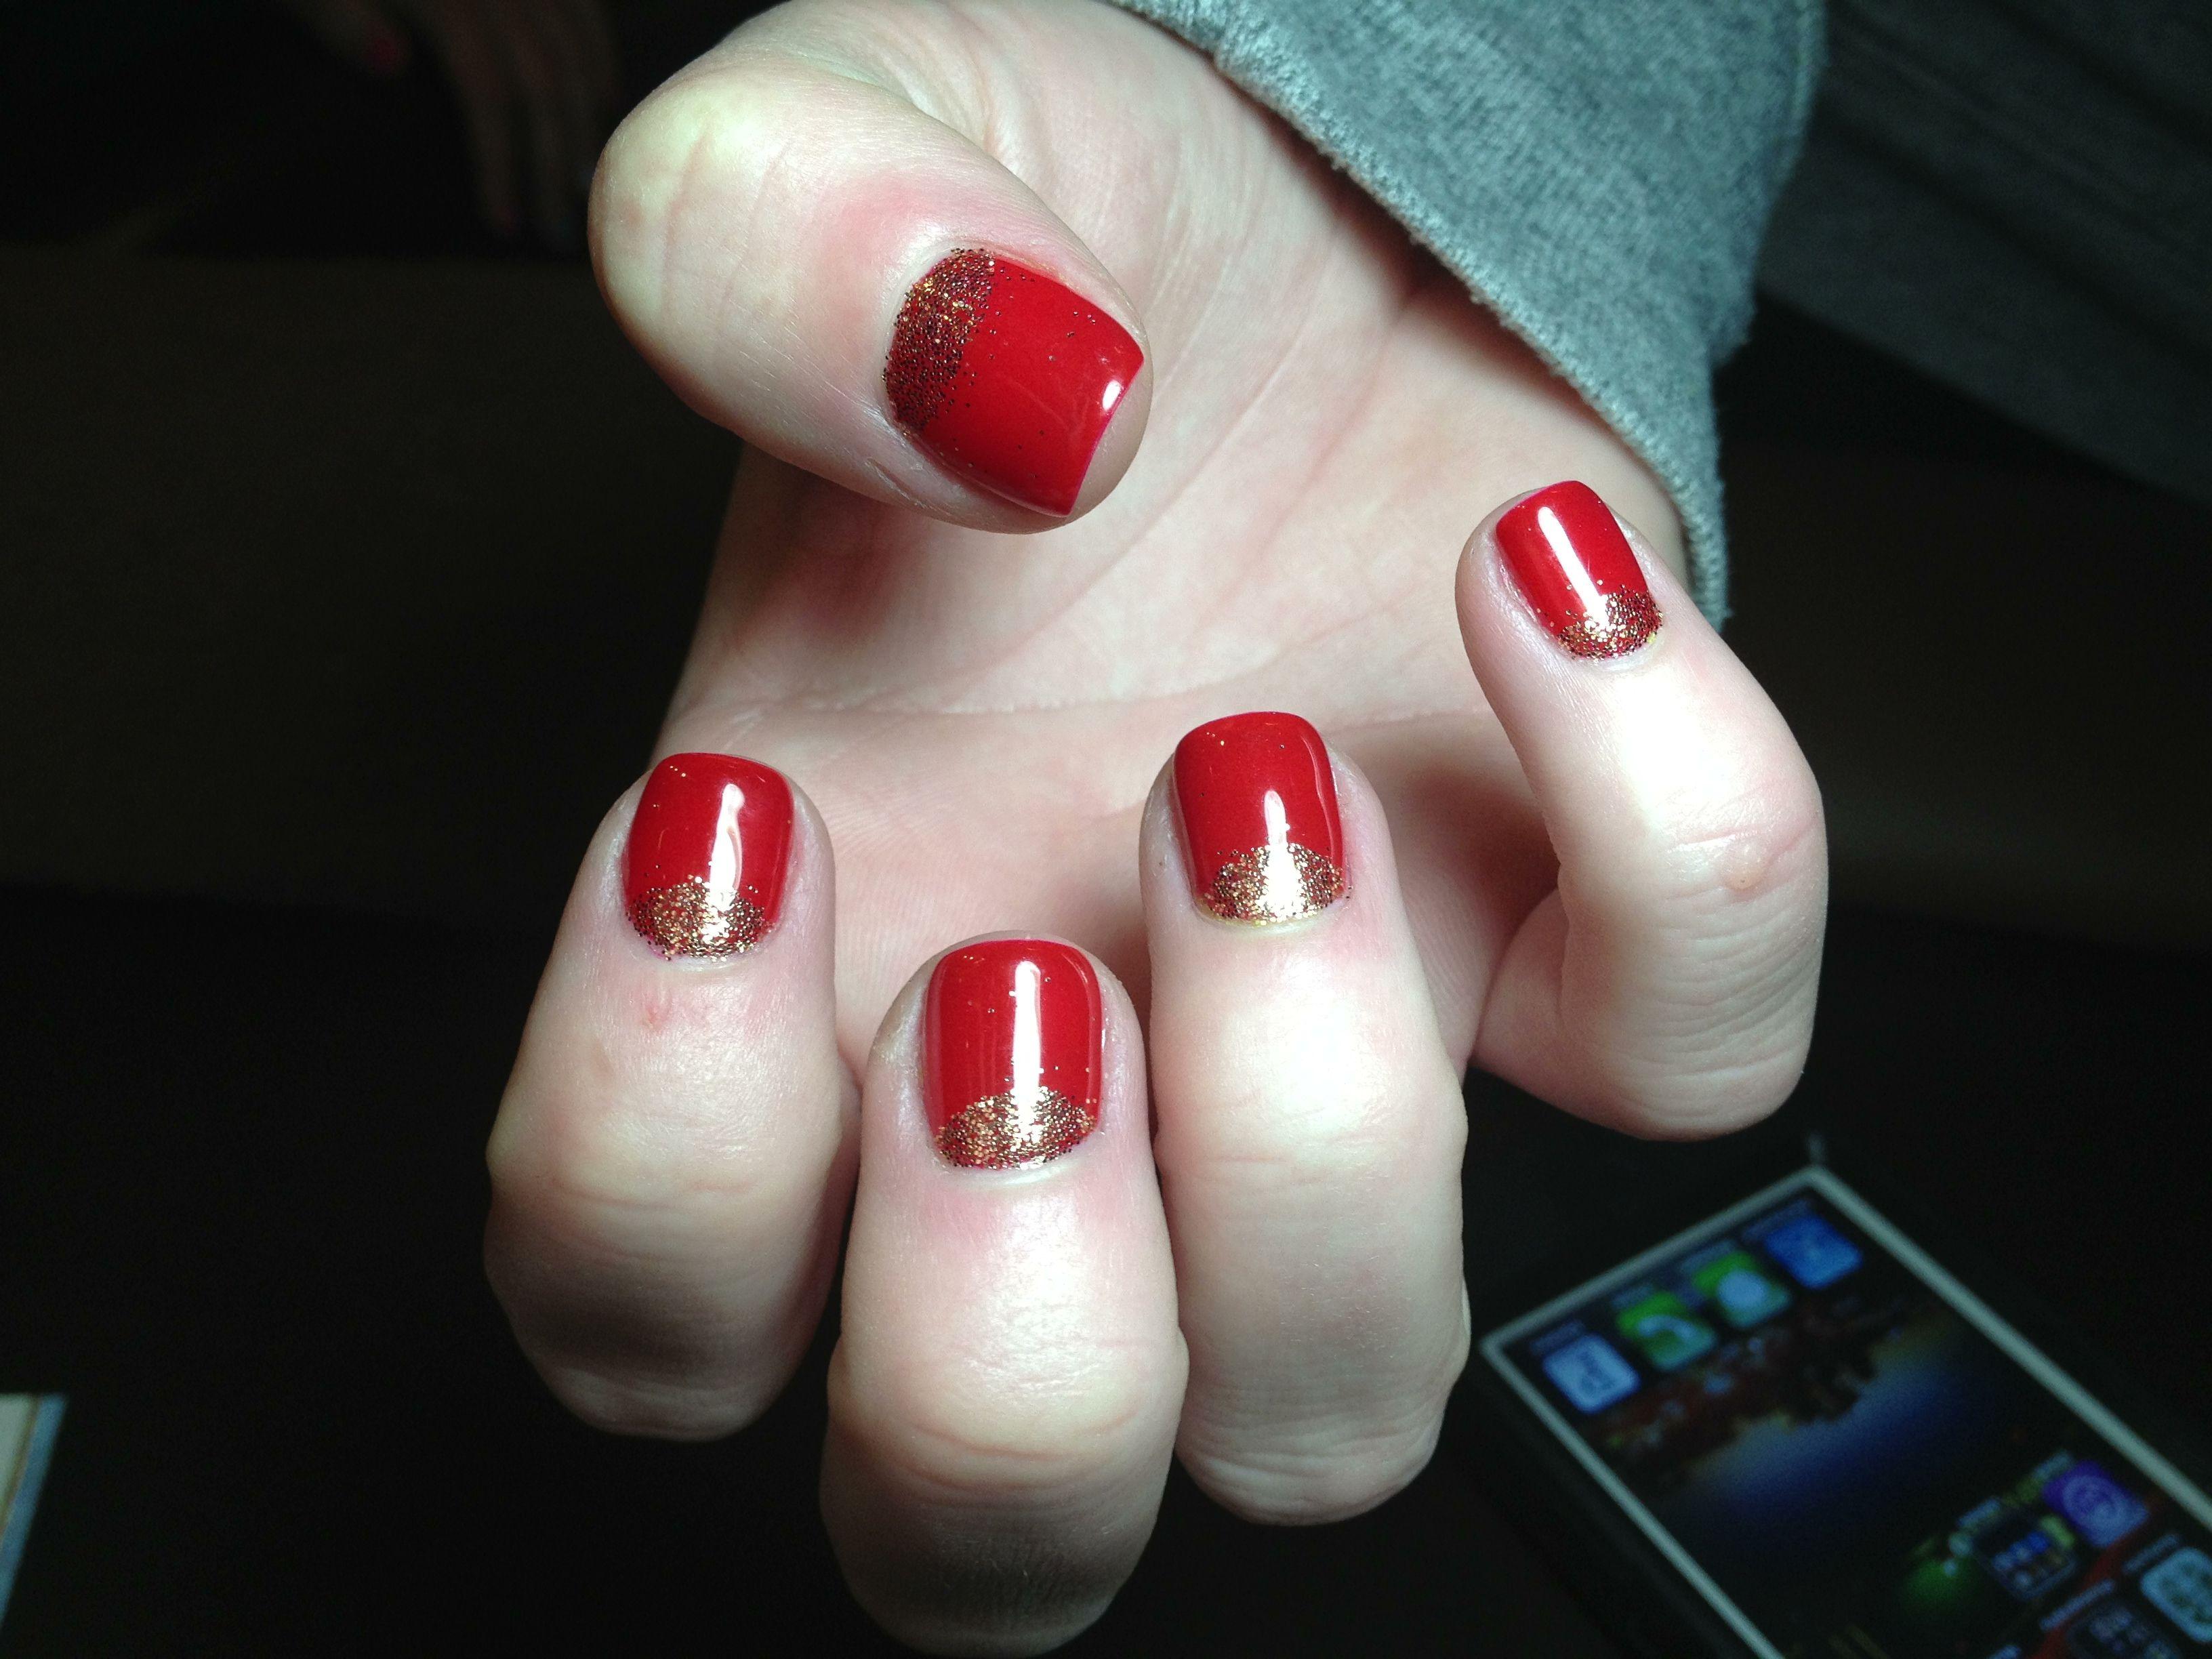 shellac nail design ideas nail designs hair styles tattoos and fashion heartbeats